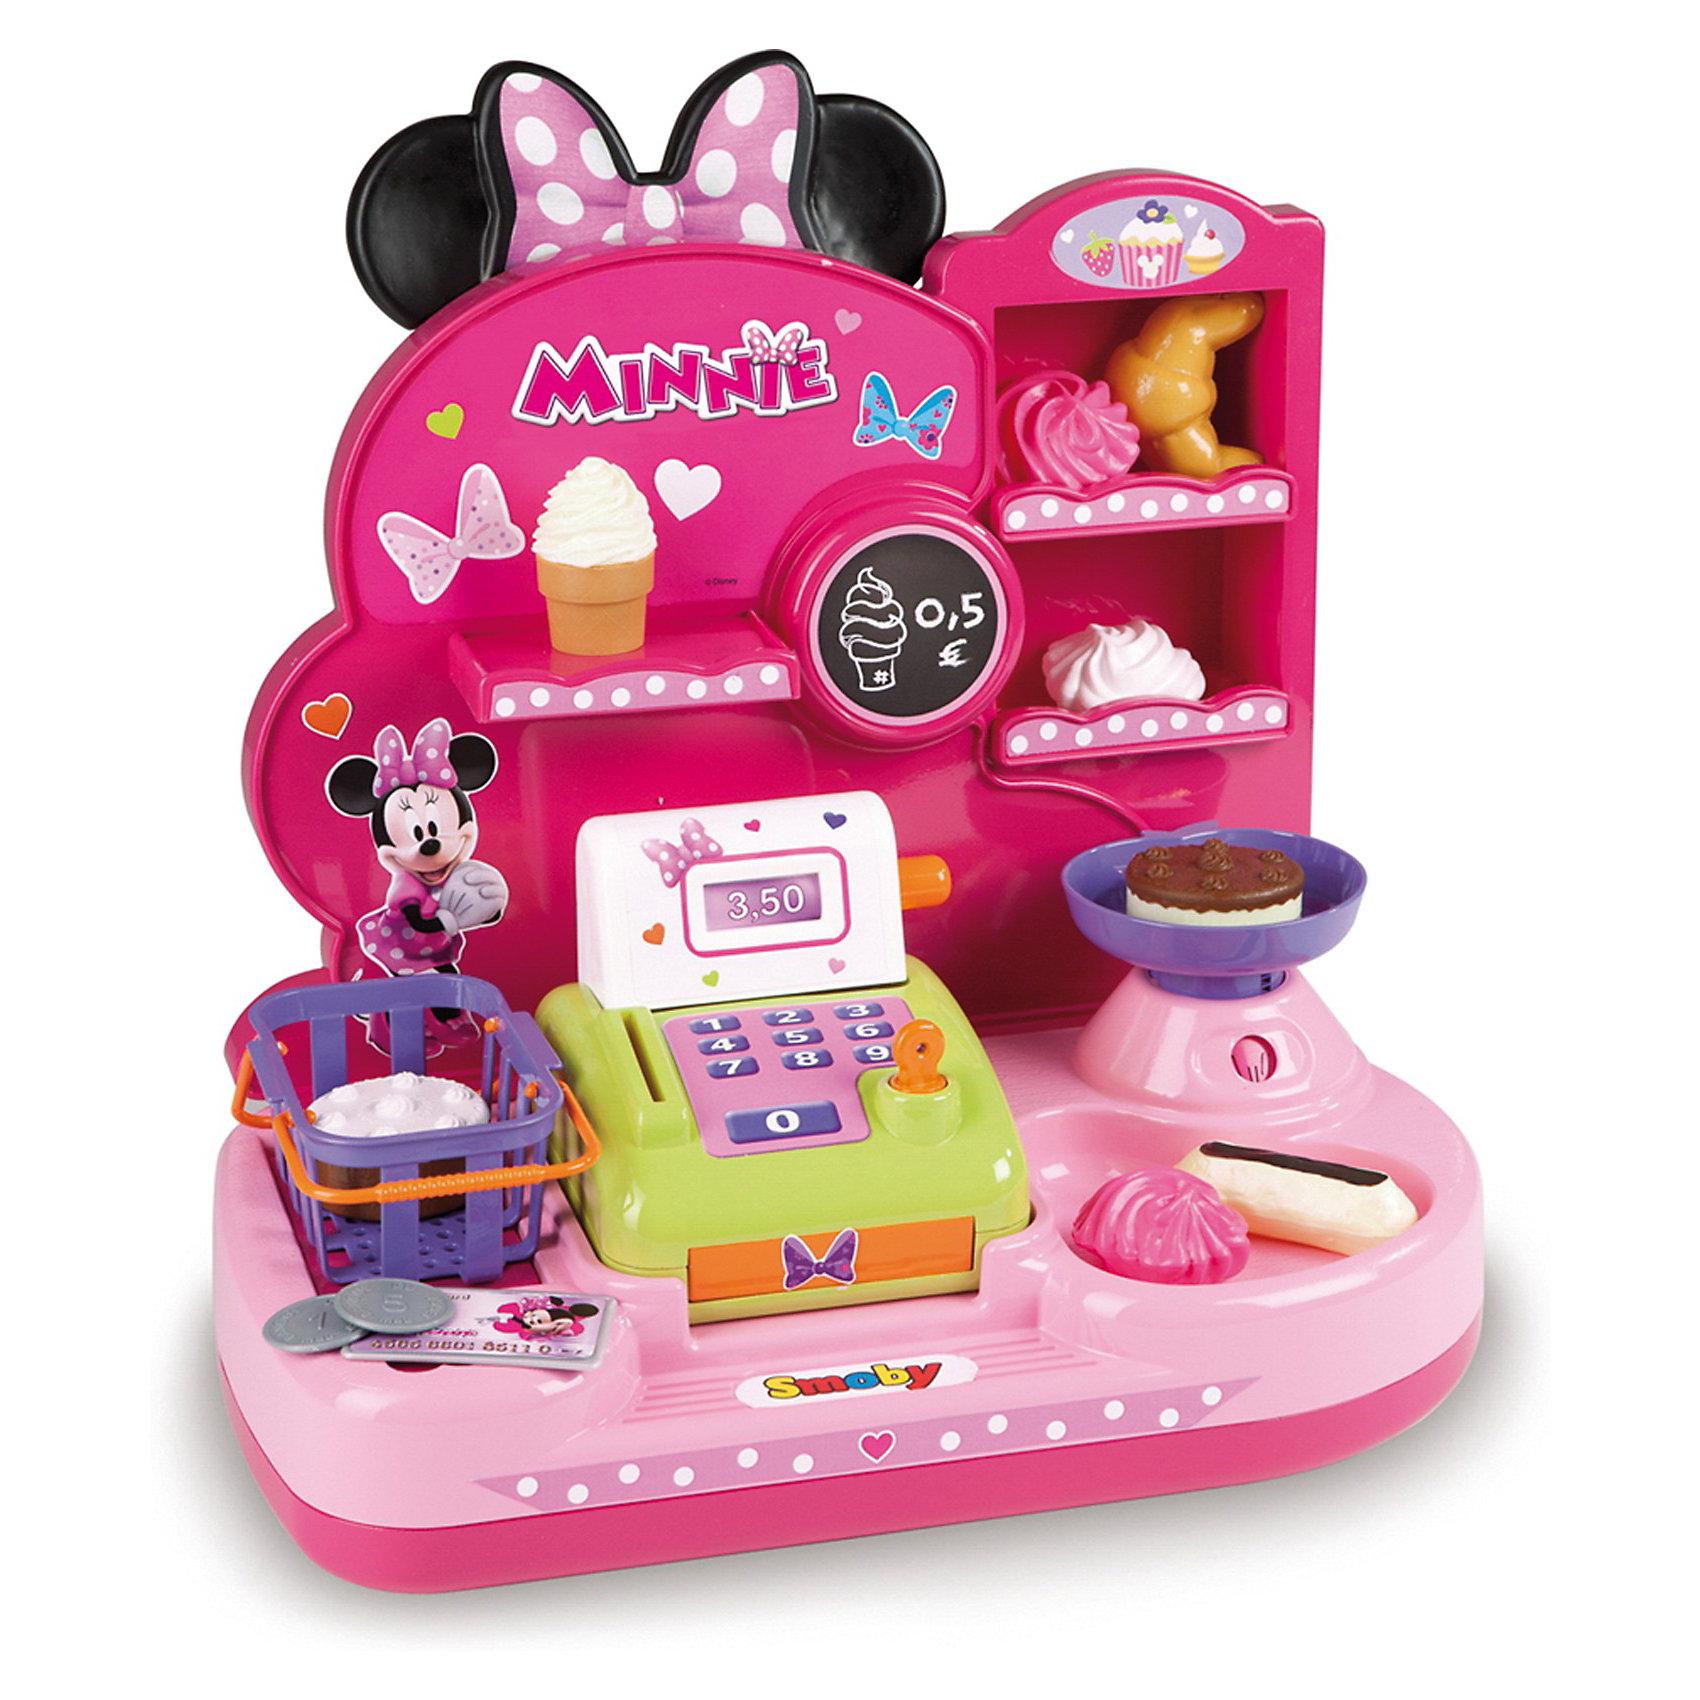 Мини-магазин, Smoby, Minnie MouseДетский супермаркет<br>Характеристики:<br><br>• аксессуары, 16 шт.;<br>• материал: пластик;<br>• размер кассы: 36,5х22х42 см;<br>• размер упаковки: 40х39х15 см.<br><br>Игрушечная касса – незаменимая вещь в магазине. Магазин сладостей Minnie Mouse предлагает своим покупателям пирожные, кексы, рогалики, булочки и зефир. Имеются специальные весы. Весь товар аккуратно разложен по полочкам, все, что понравится сладкоежкам, можно складывать в корзинку с ручками. Оплатить покупки можно игрушечными купюрами и монетами. Набор оформлен в стиле мышки Минни.<br><br>Мини-магазин, Smoby, Winx Club можно купить в нашем магазине.<br><br>Ширина мм: 360<br>Глубина мм: 220<br>Высота мм: 420<br>Вес г: 1000<br>Возраст от месяцев: 36<br>Возраст до месяцев: 72<br>Пол: Женский<br>Возраст: Детский<br>SKU: 3344669